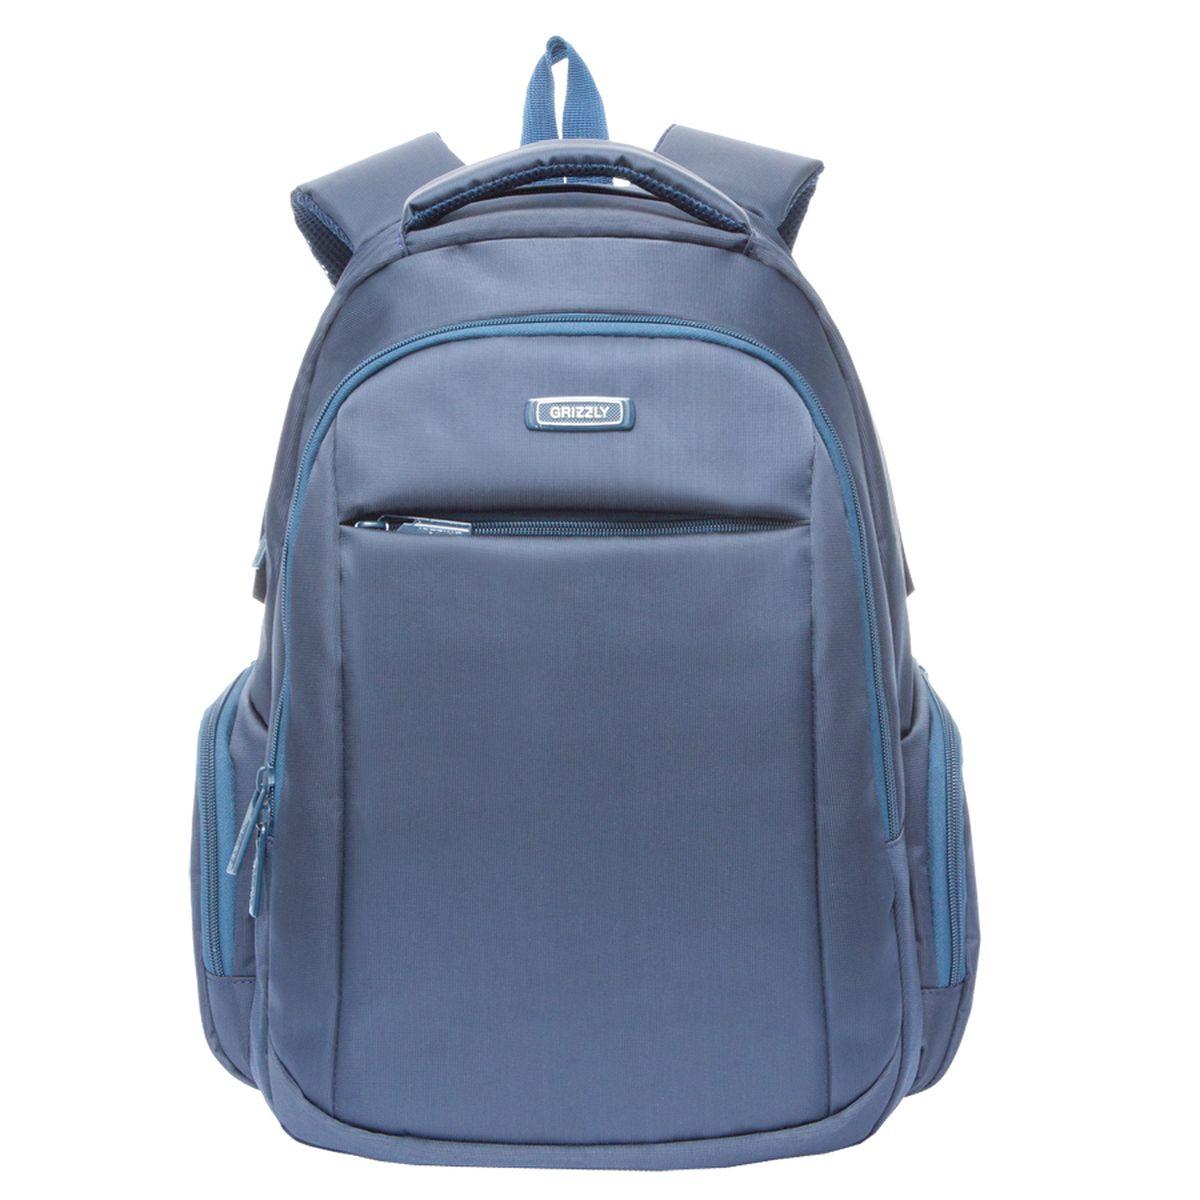 Рюкзак молодежный Grizzly, цвет: синий. 32 л. RU-700-4/2RU-700-4/2Рюкзак молодежный, два отделения, карман на молнии на передней стенке, объемные боковые карманы на молнии, внутренний карман на молнии, внутренний составной пенал-органайзер, внутренний укрепленный карман для ноутбука, анатомическая спинка, мягкая укрепленная ручка, нагрудная стяжка-фиксатор